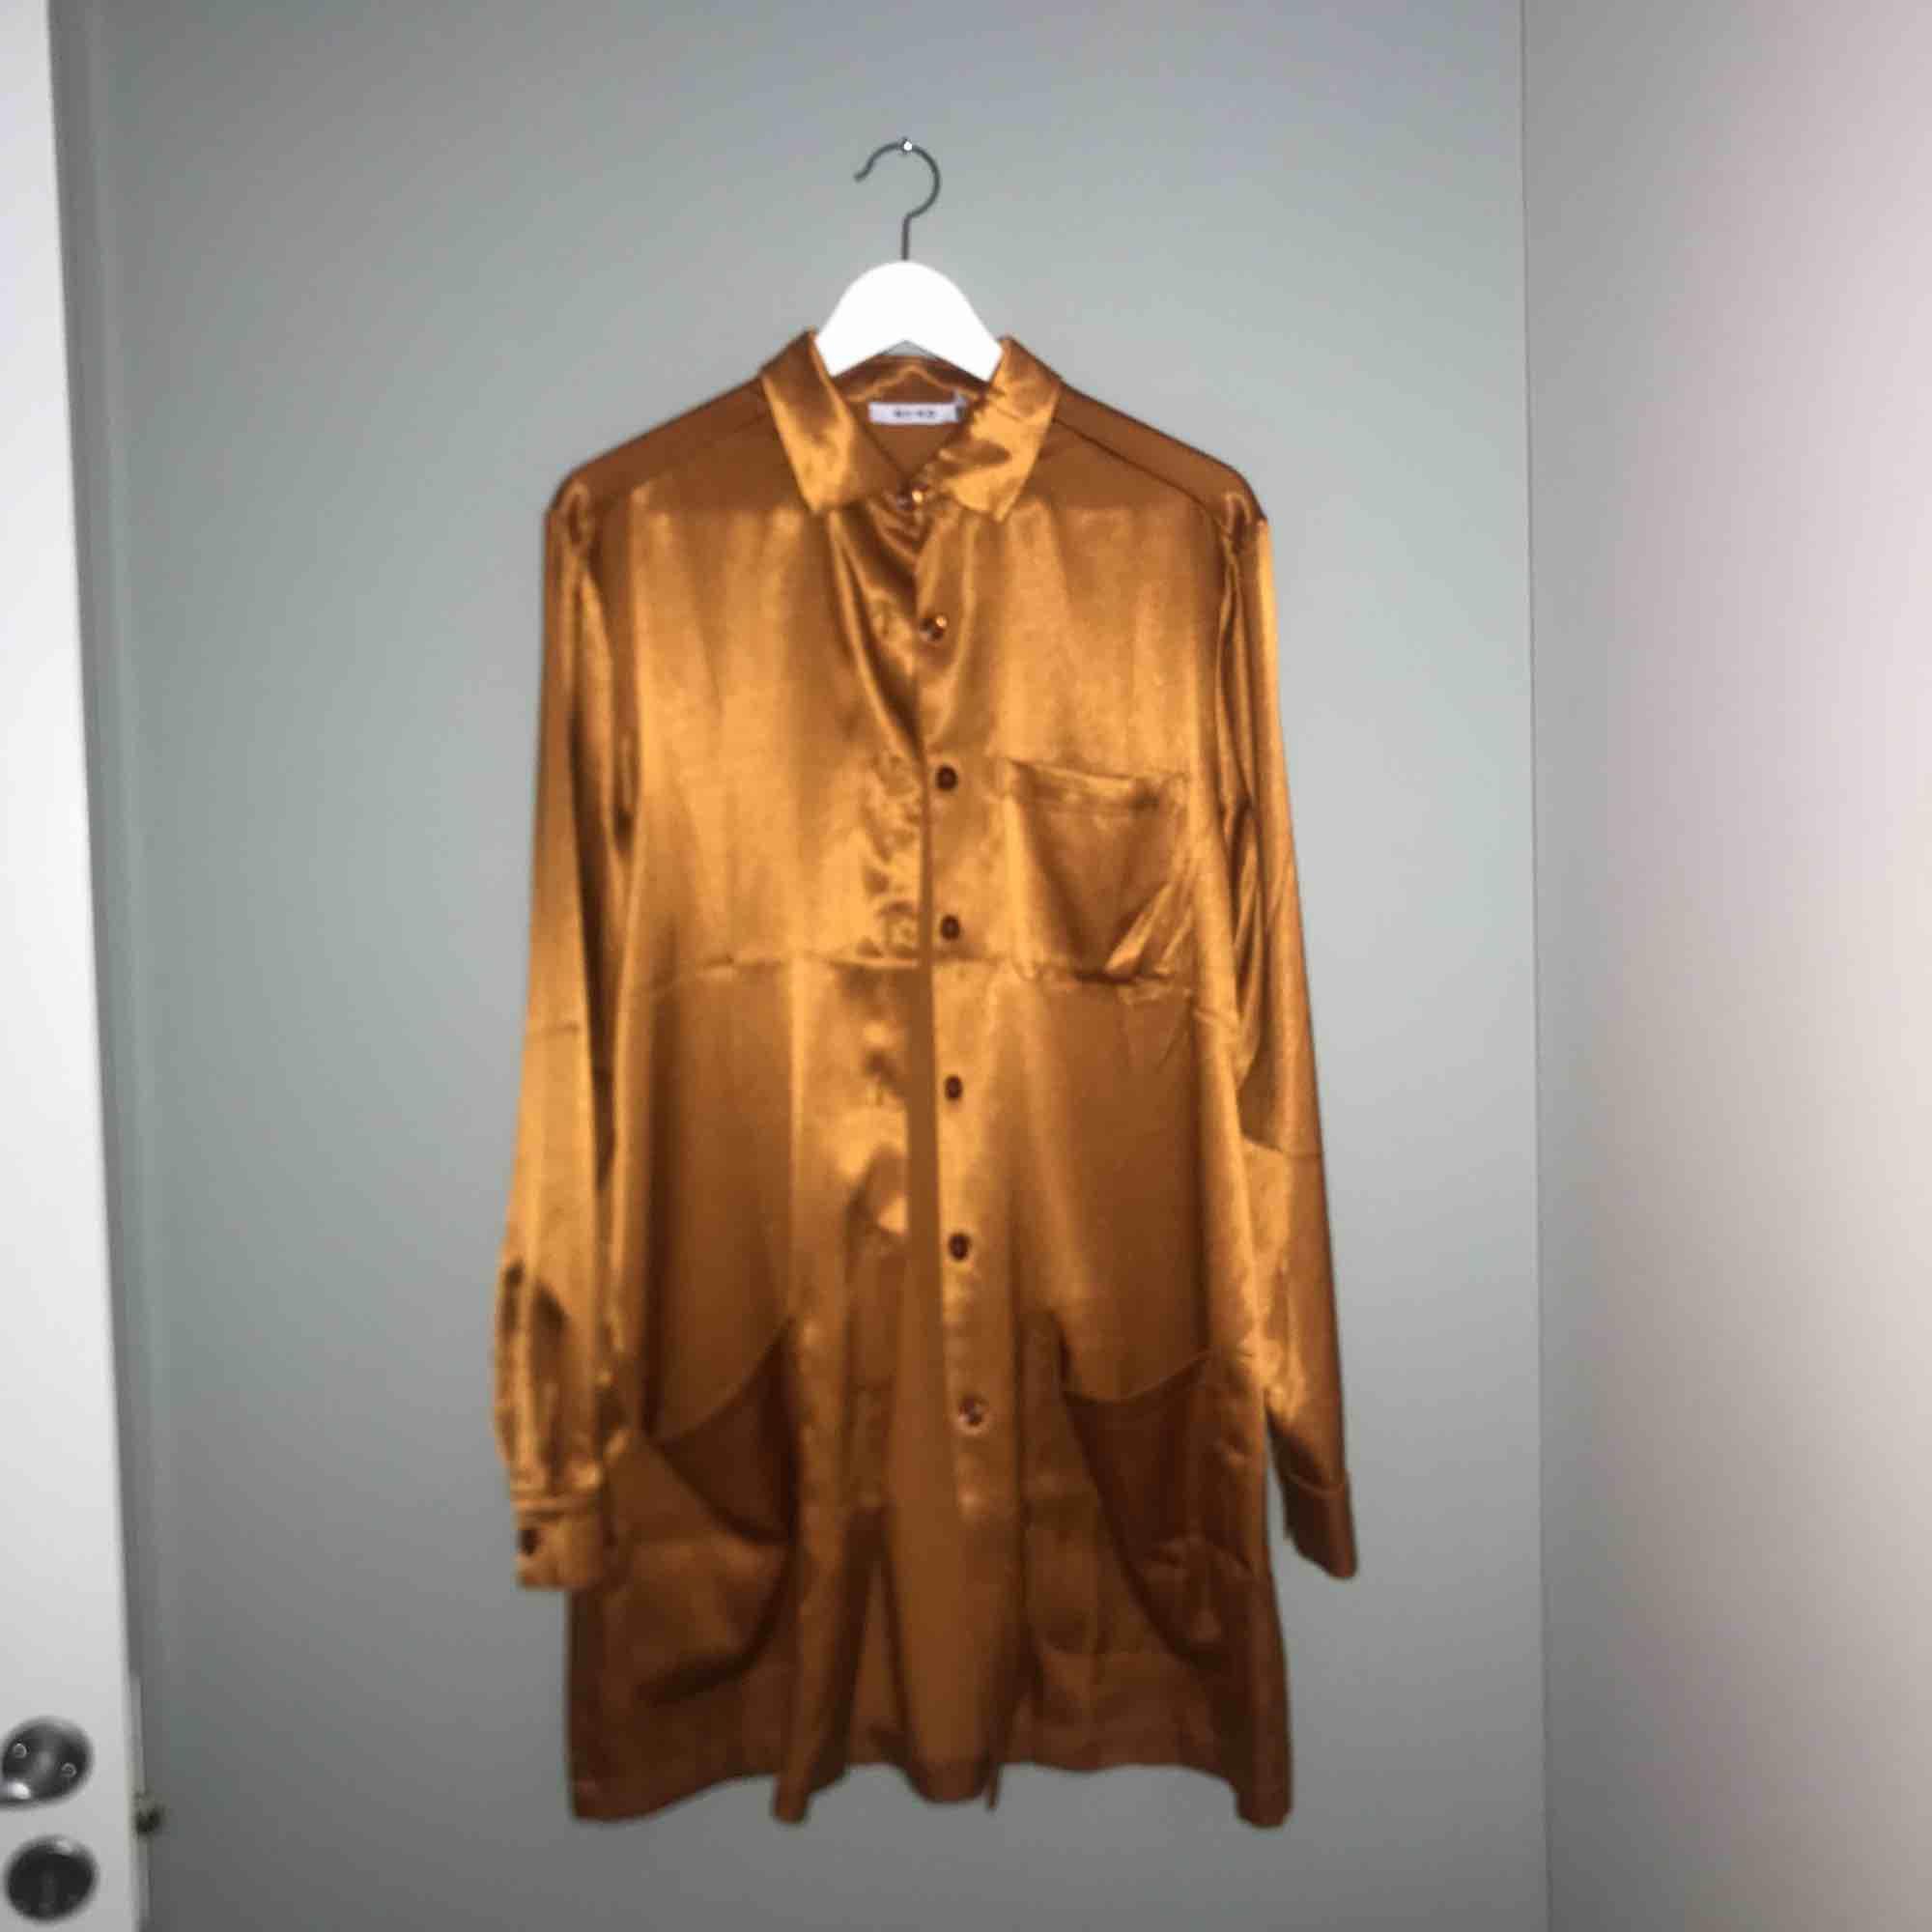 Lång superfin silkblus i orange/guldig färg (frakt kan tillkomma). Skjortor.